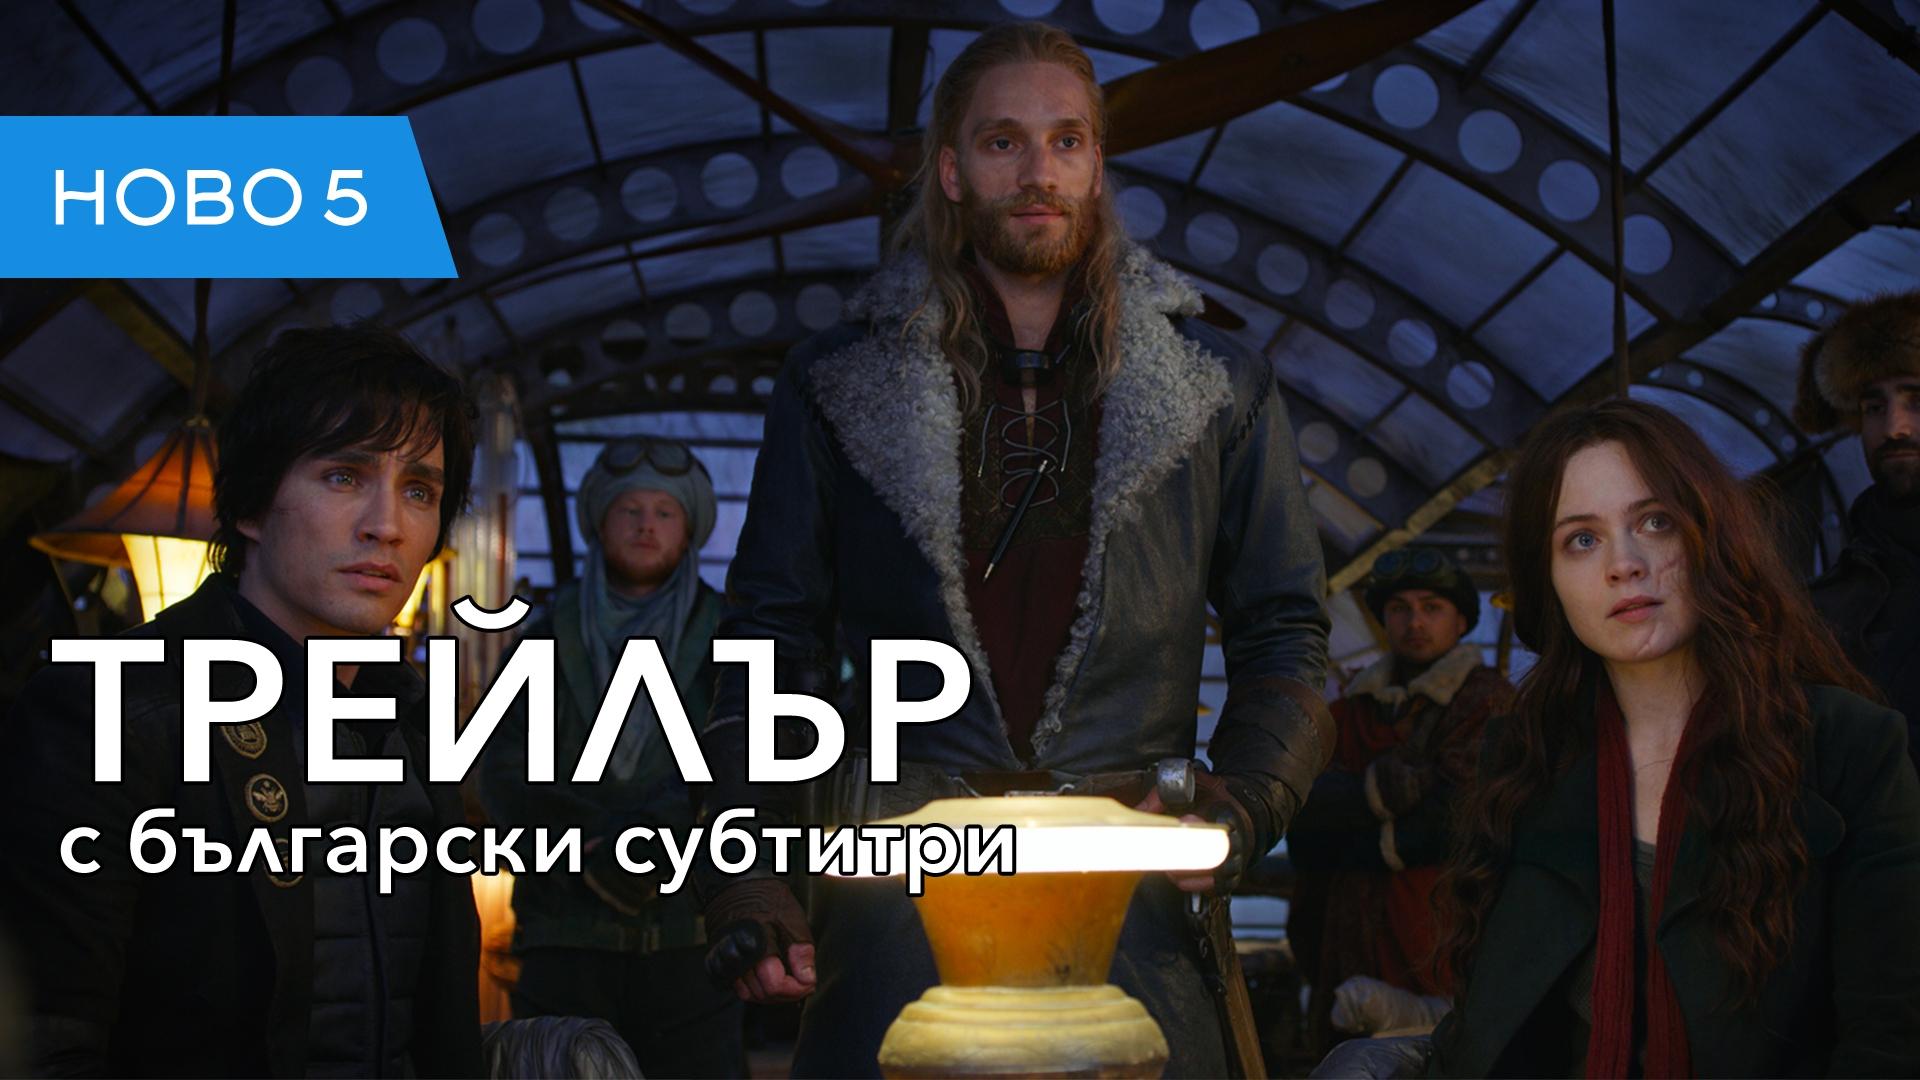 Смъртоносни машини (2018) втори трейлър с български субтитри